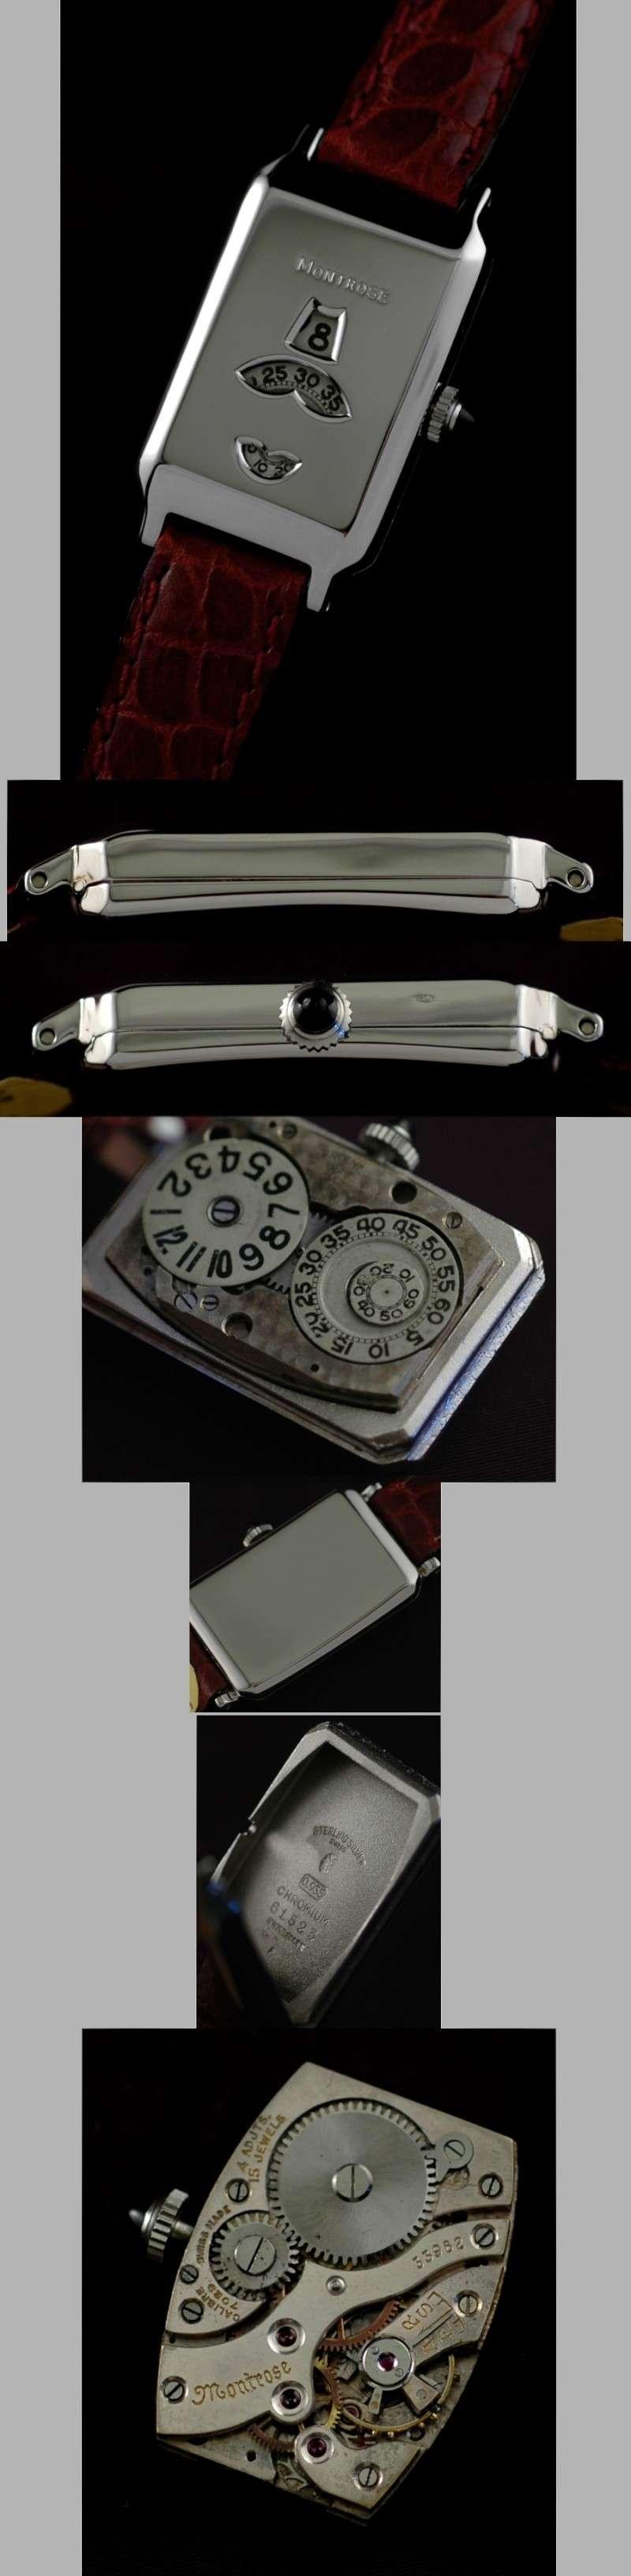 [vintage] Les montres bracelets à heures sautantes Montro10